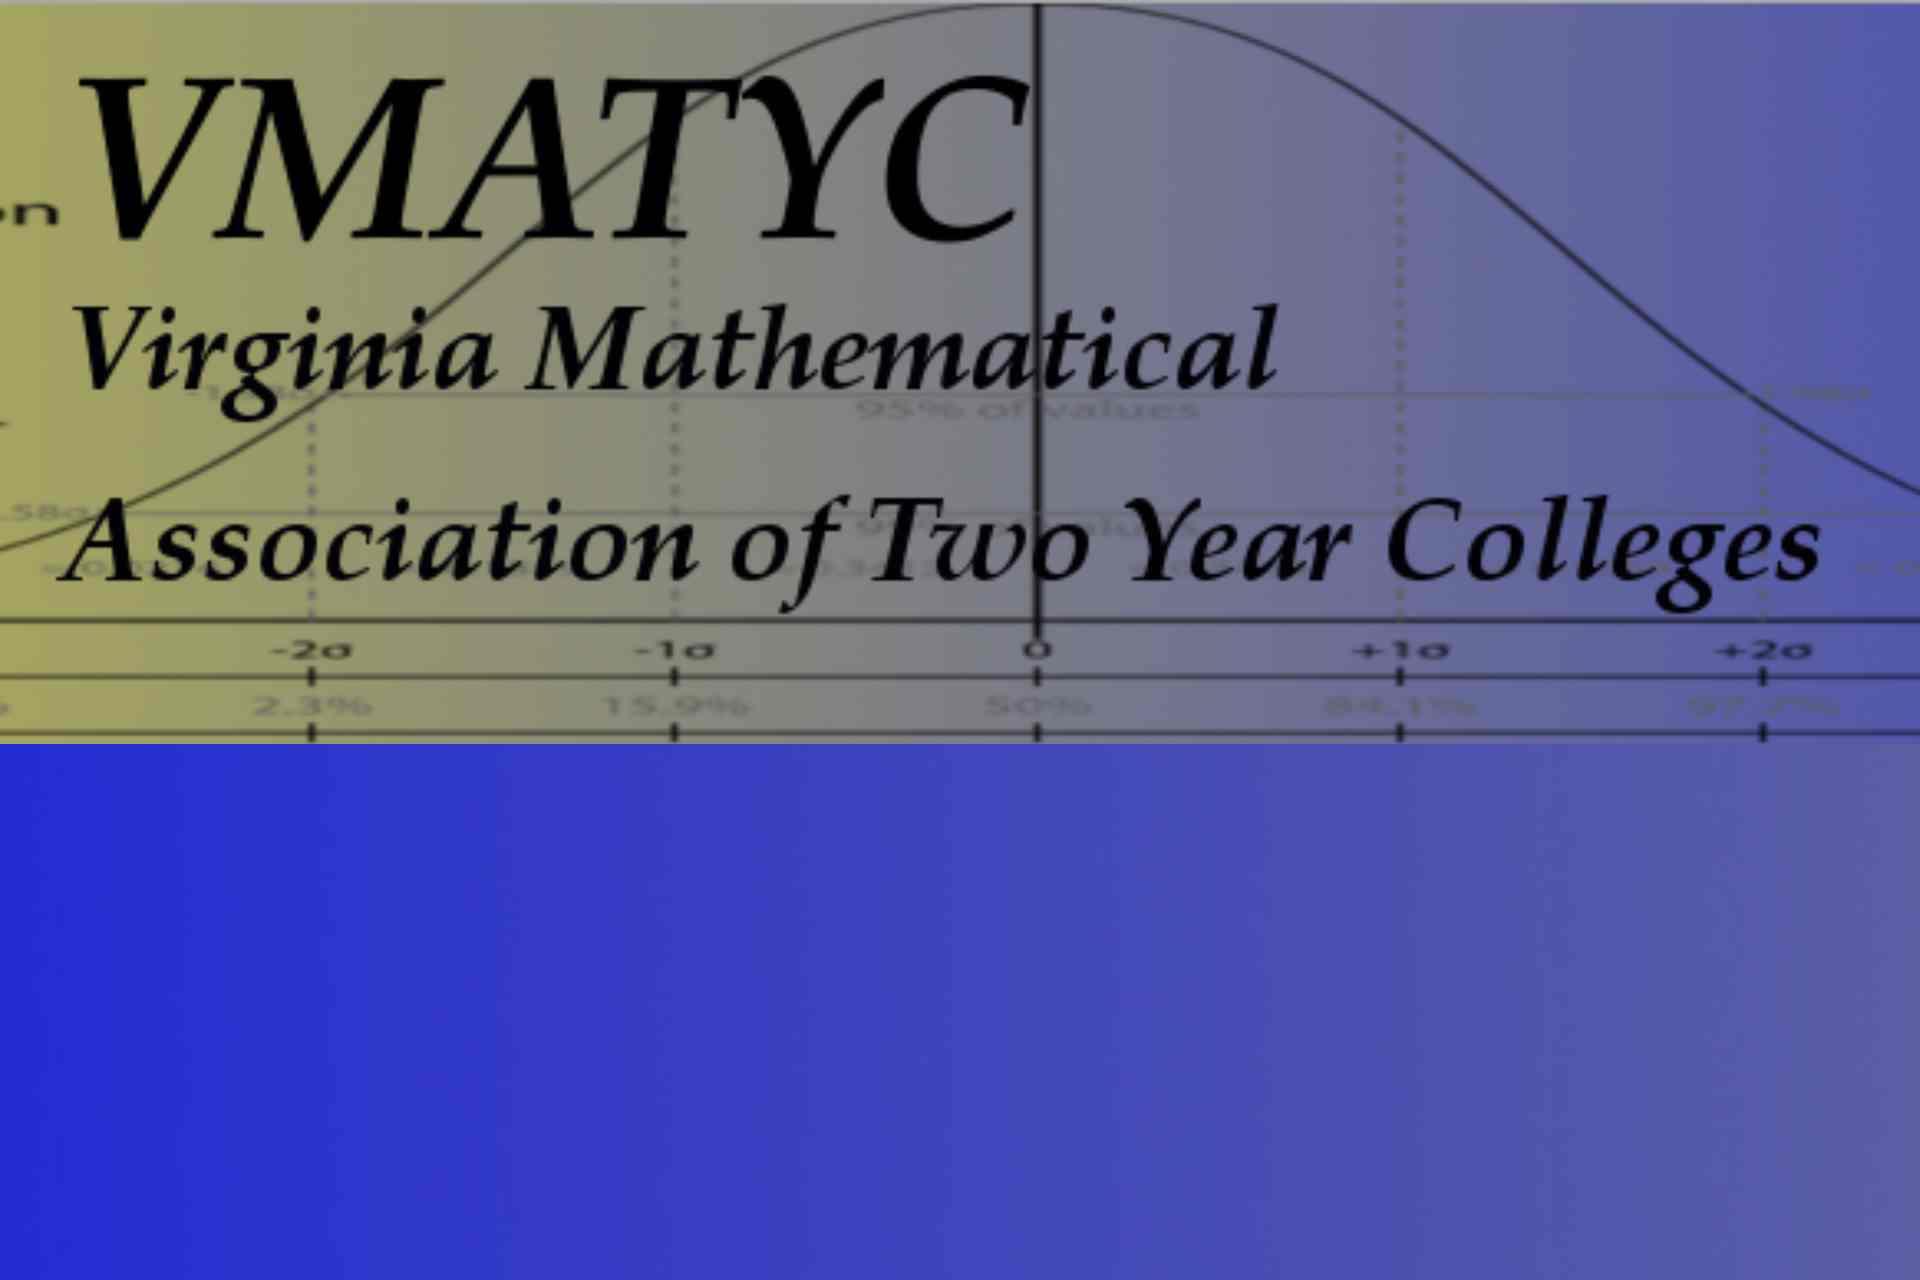 VMATYC